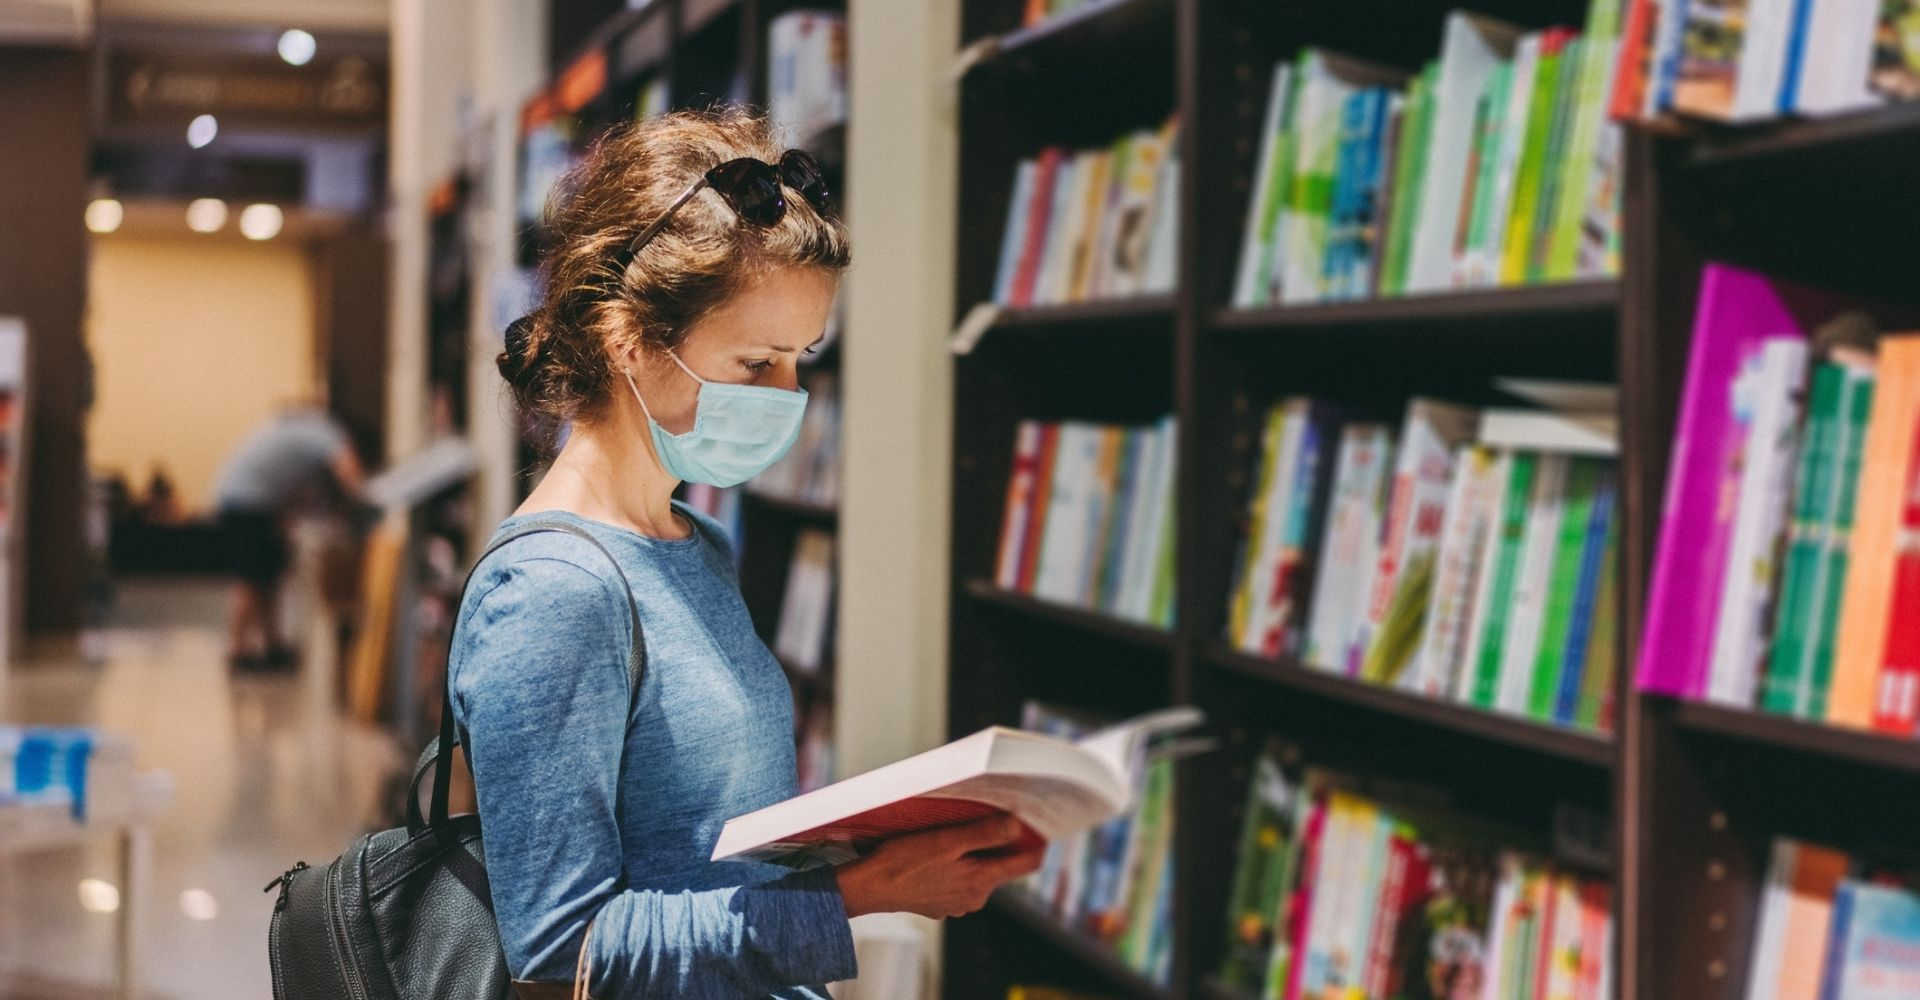 Le vendite di libri cartacei, ebook e audiolibri continuano a crescere in questo inizio di 2021: tutti i dati aggiornati